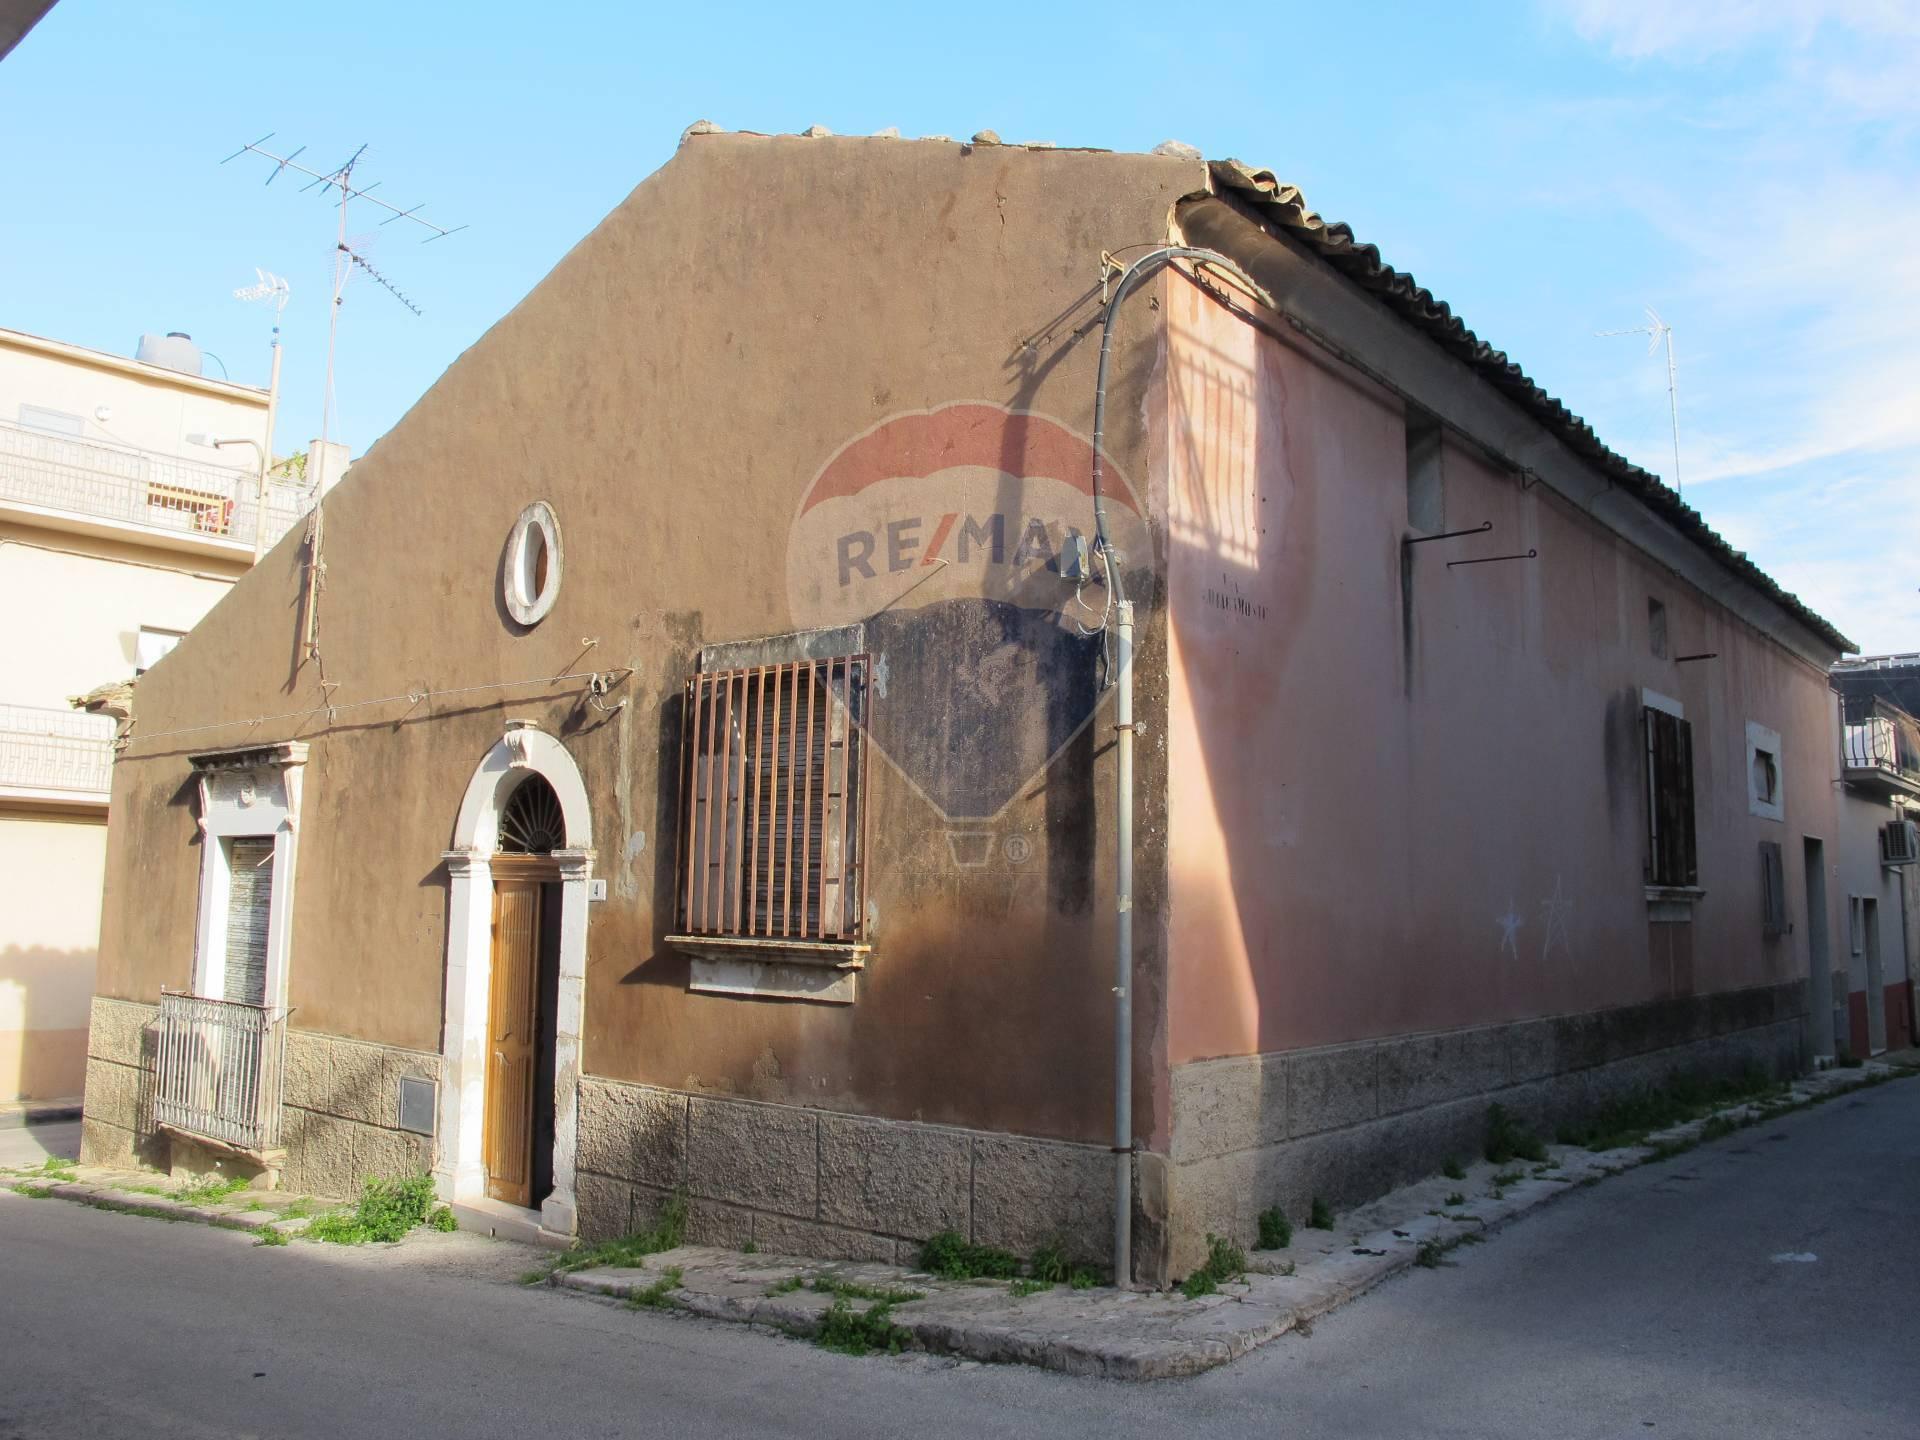 Soluzione Indipendente in vendita a Comiso, 5 locali, zona Località: Centro, prezzo € 43.000 | CambioCasa.it